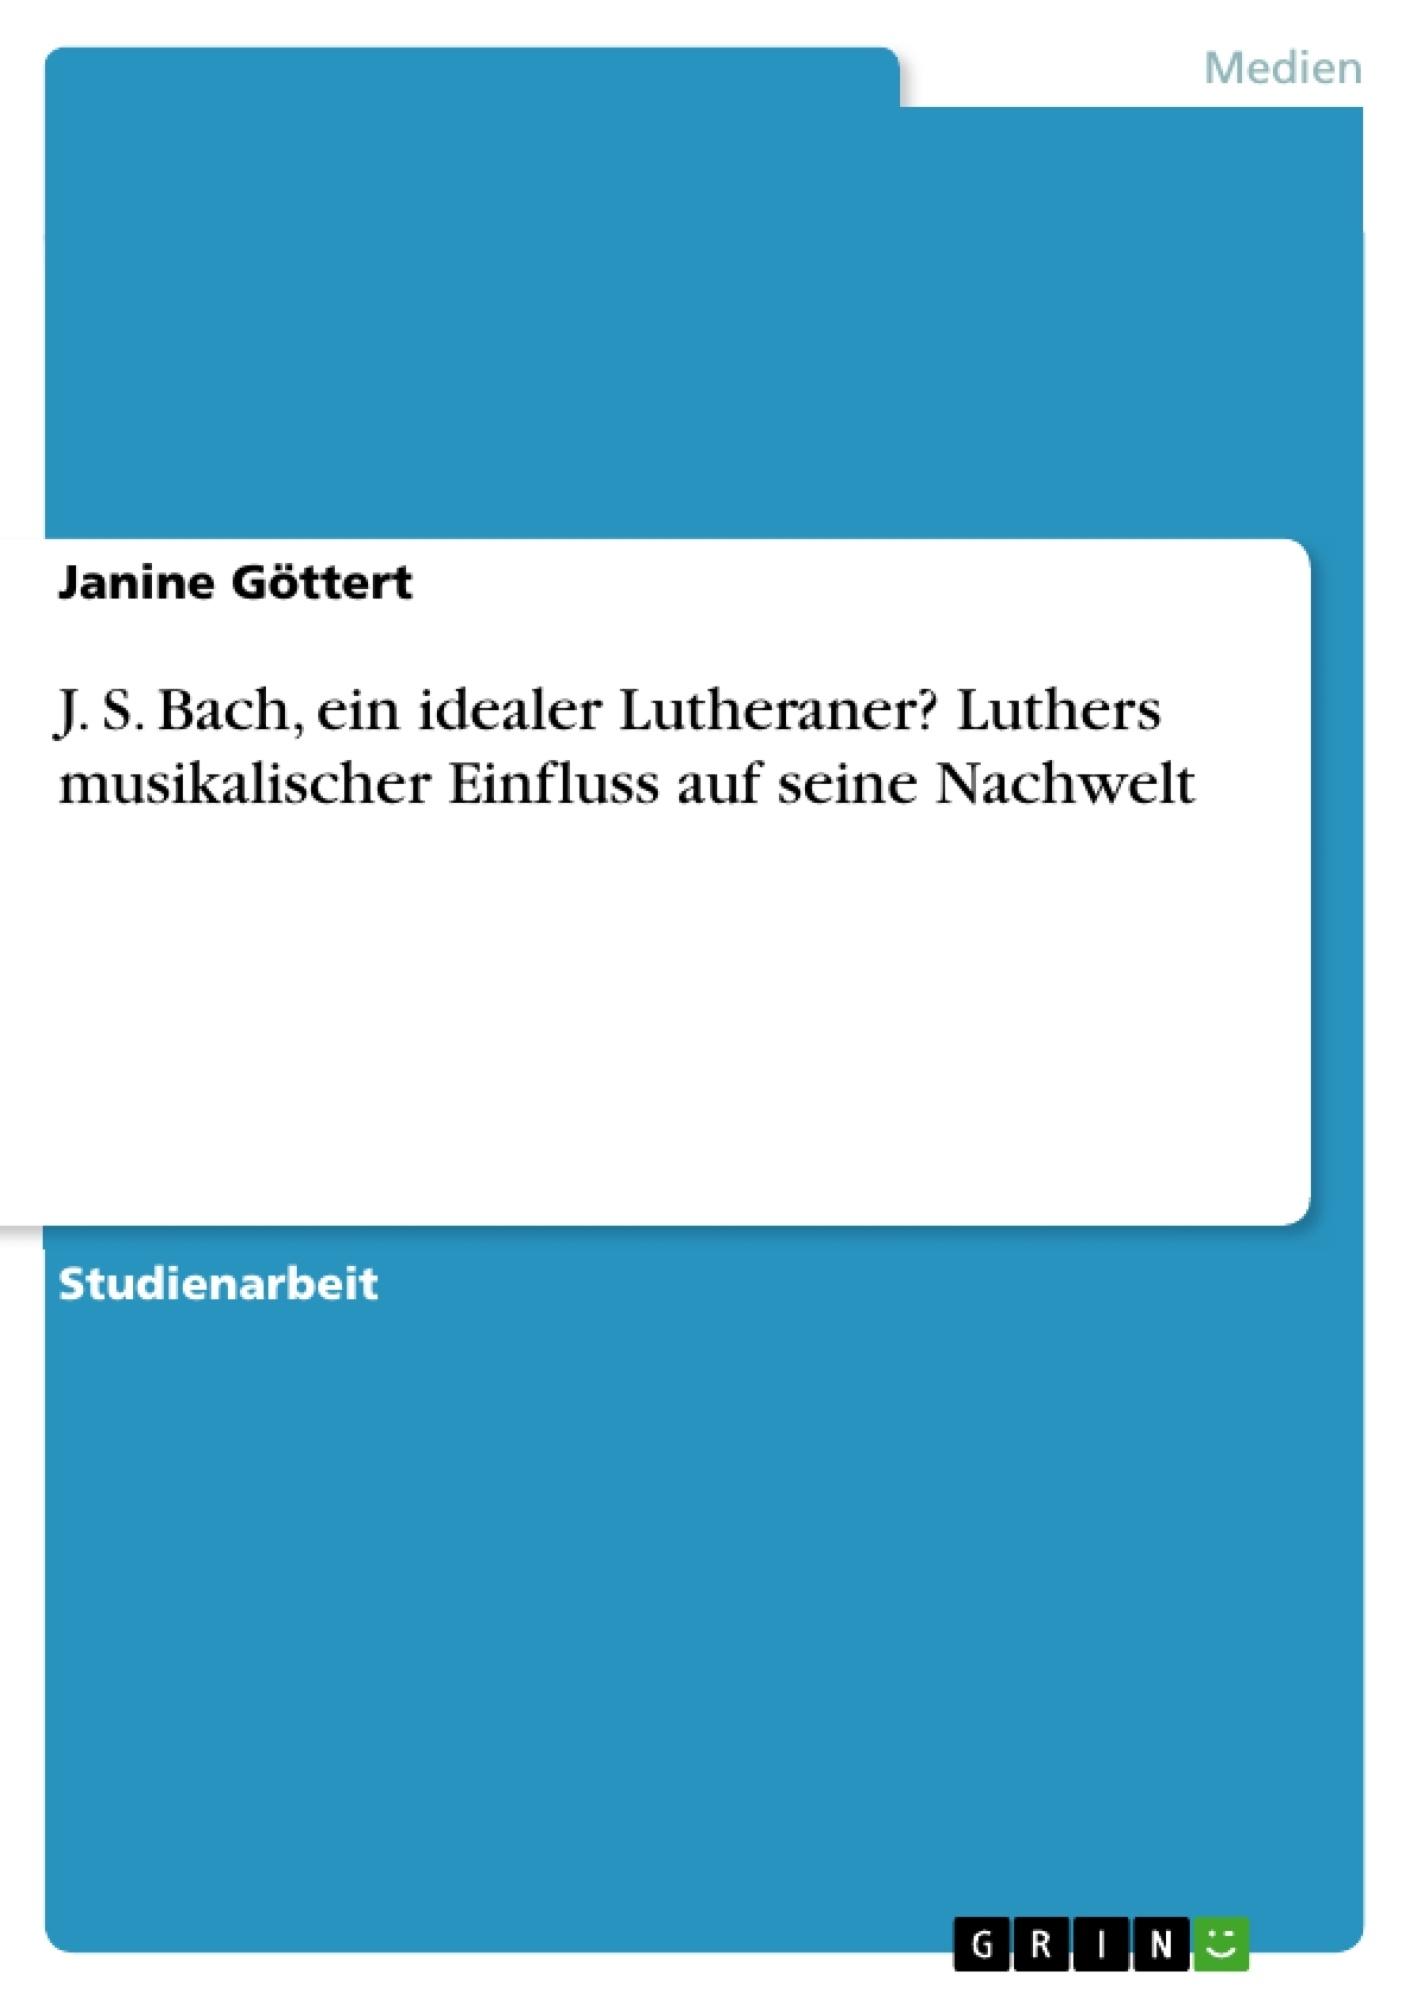 Titel: J. S. Bach, ein idealer Lutheraner? Luthers musikalischer Einfluss auf seine Nachwelt